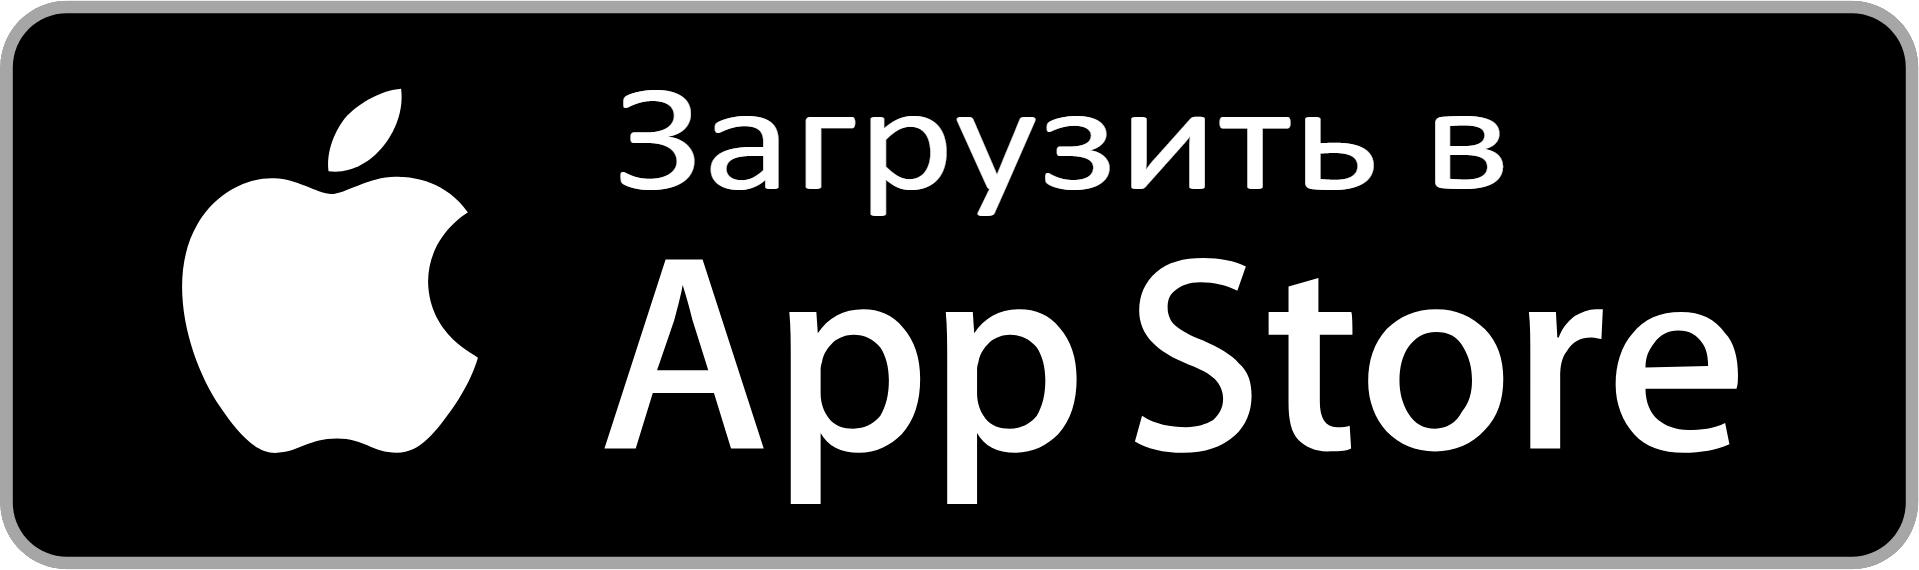 Загрузить в App Store